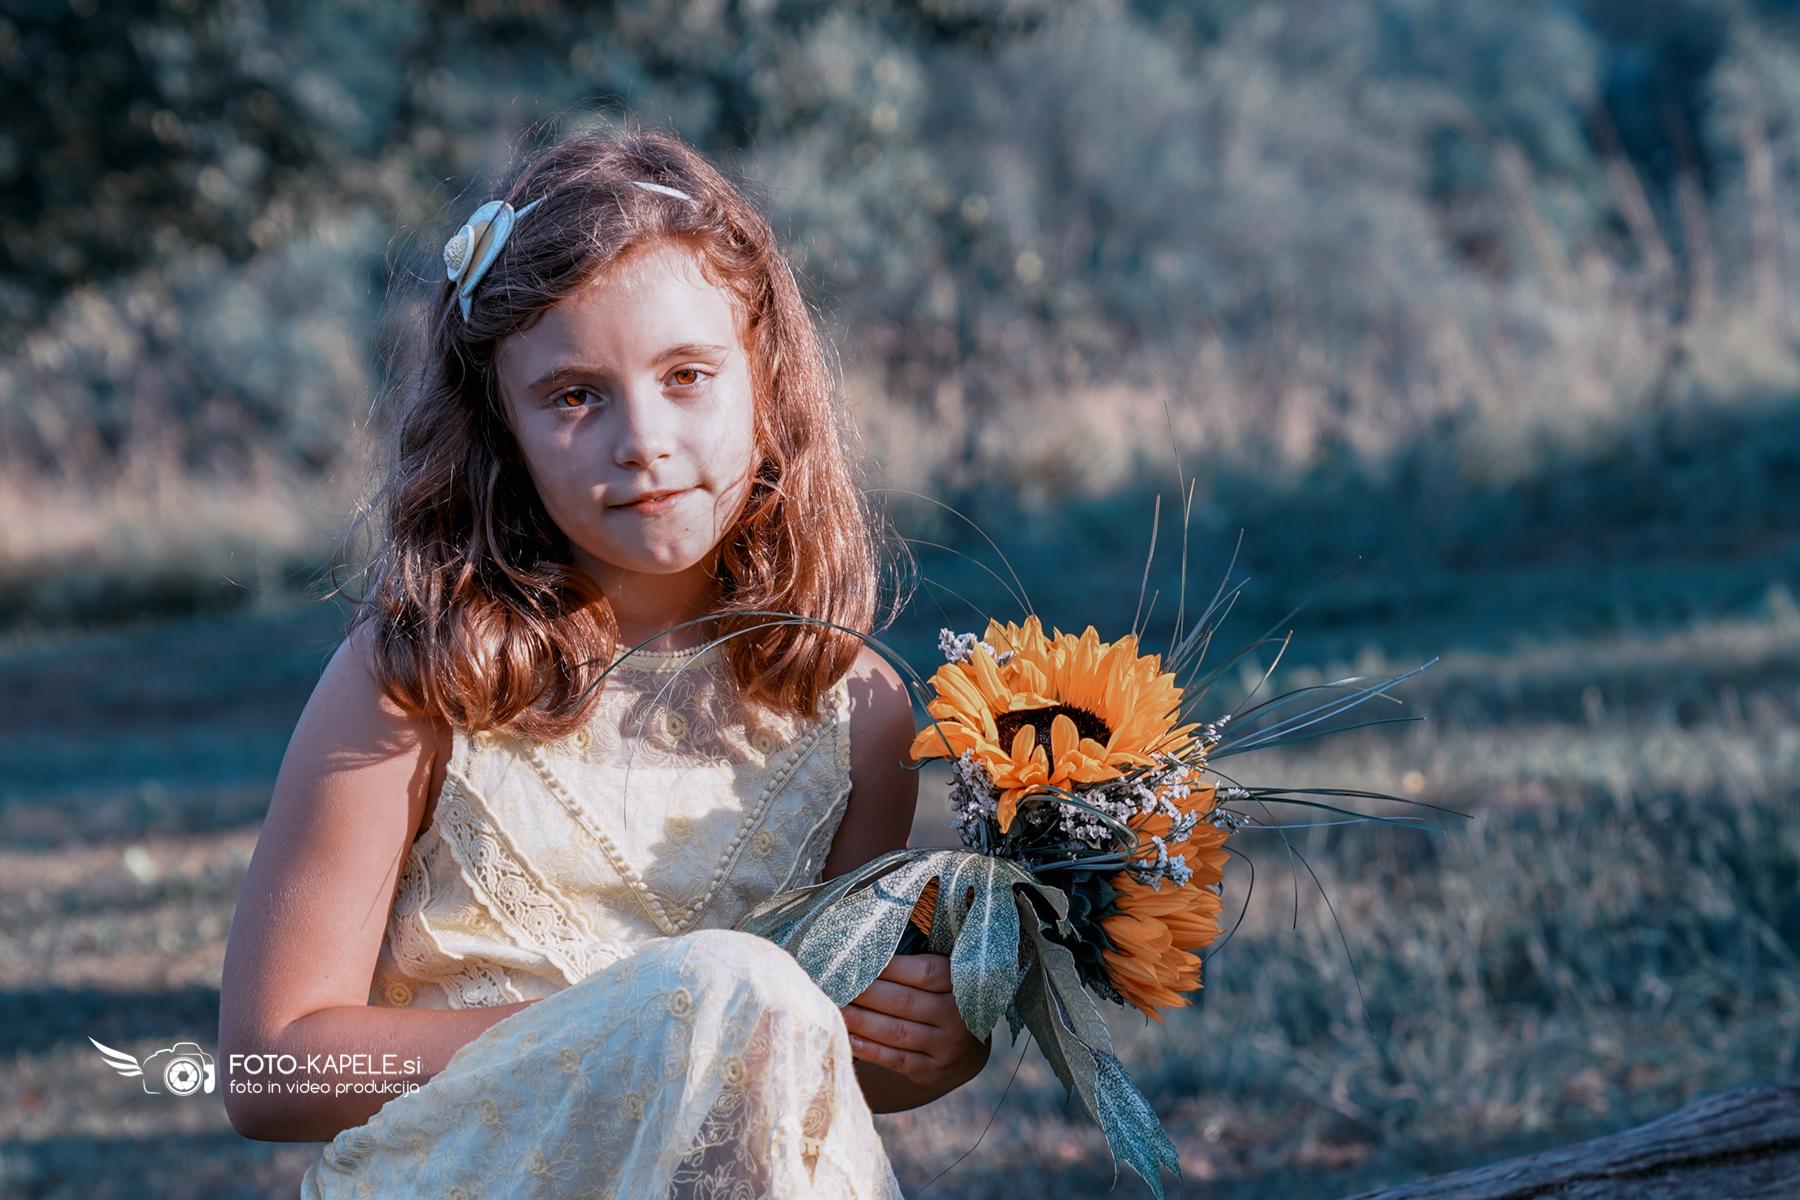 Fotografiranje otrok v naravi: foto-kapele.si